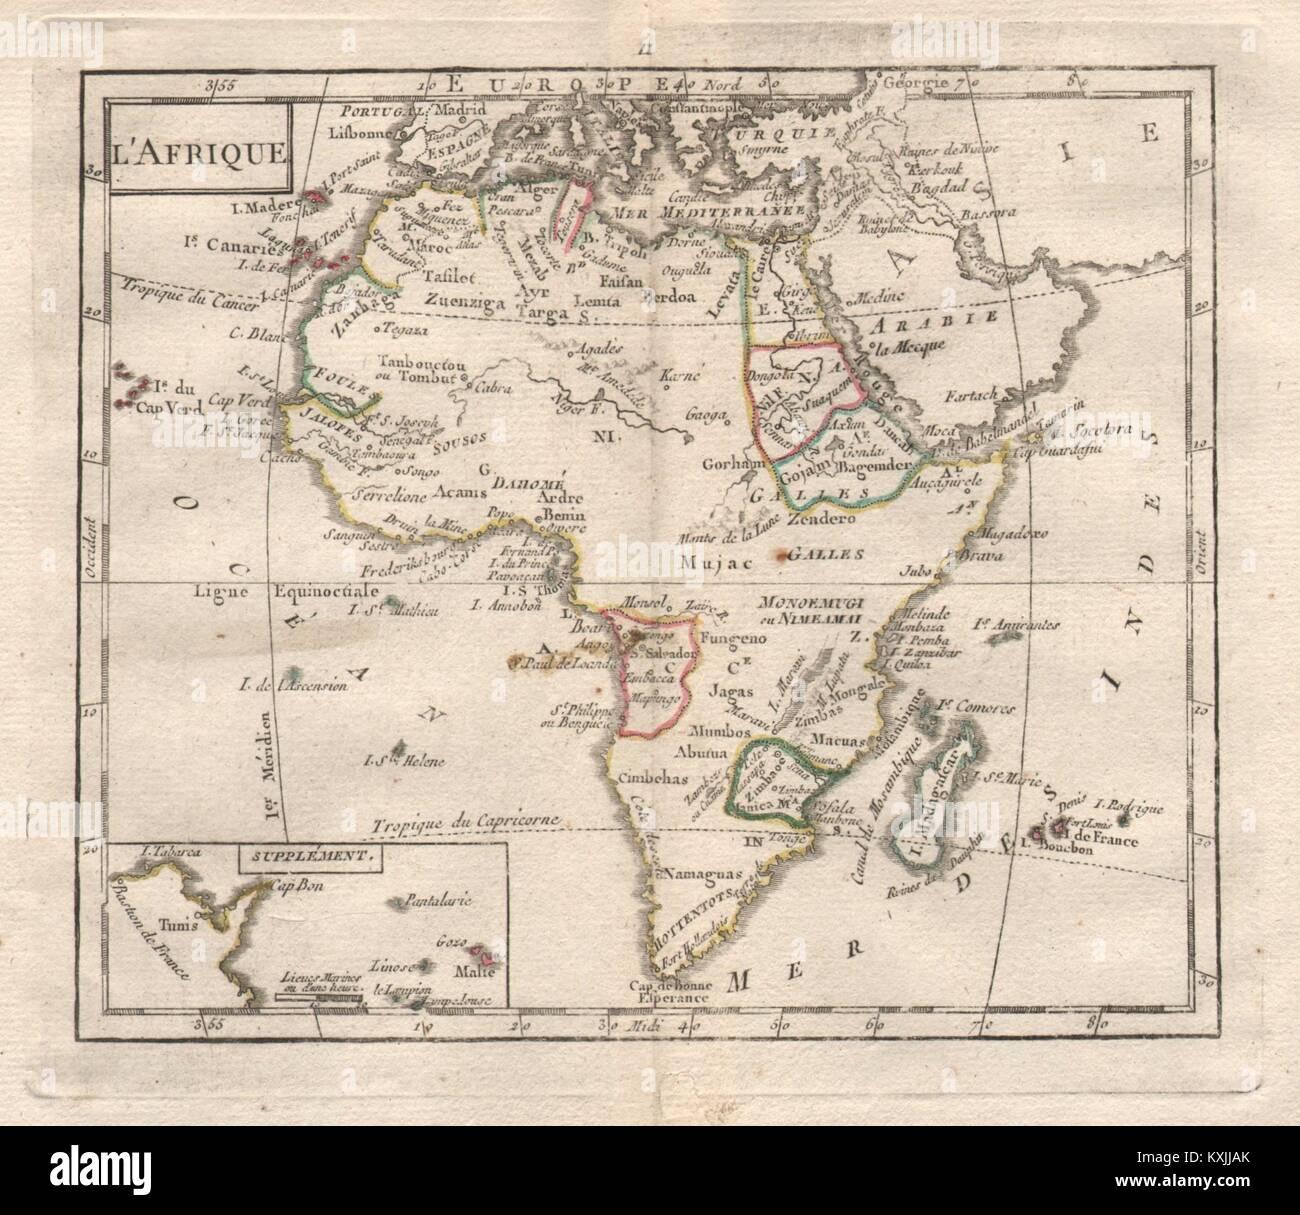 'L'Afrique' by BRION DE LA TOUR. Africa 'Zimbaoe'. Niger w/o outlet 1777 map - Stock Image